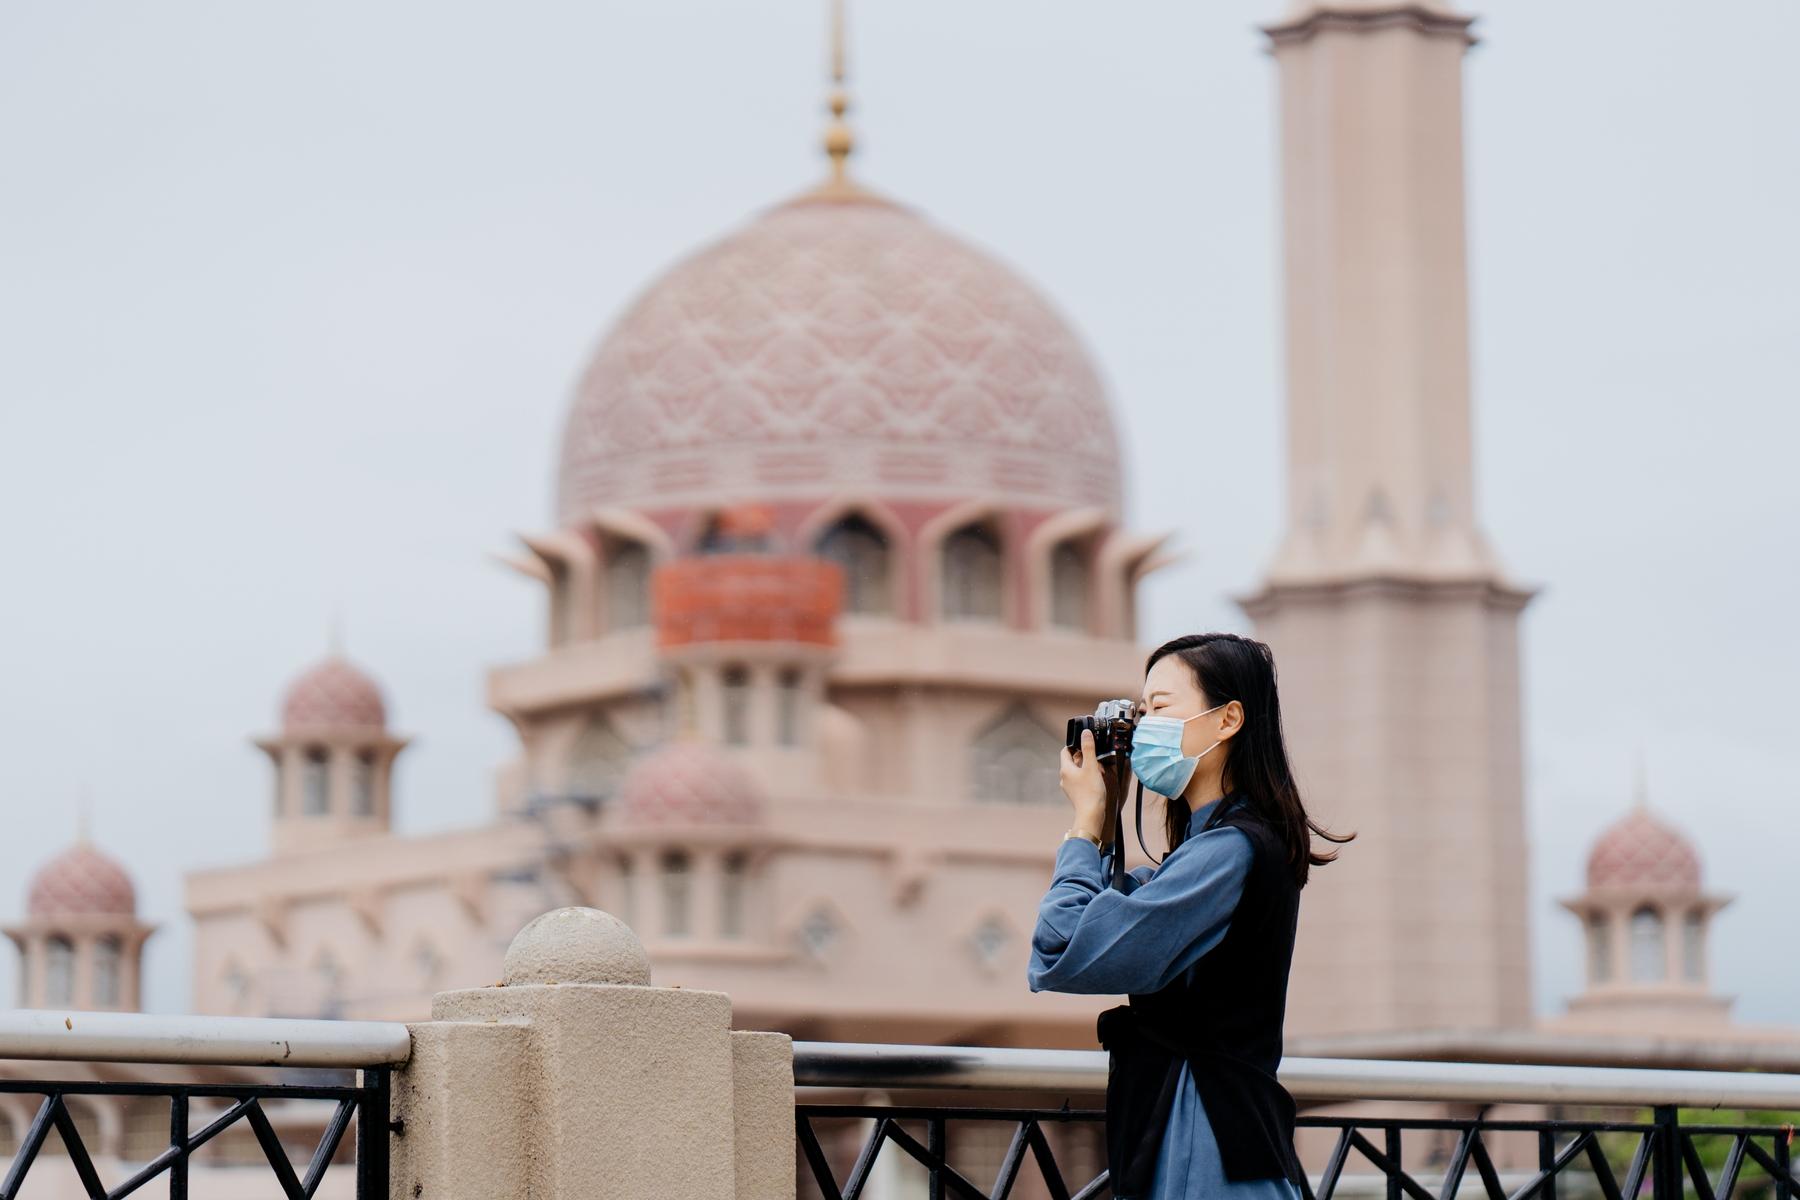 Jovem asiática de máscara fotografando um ponto turístico.